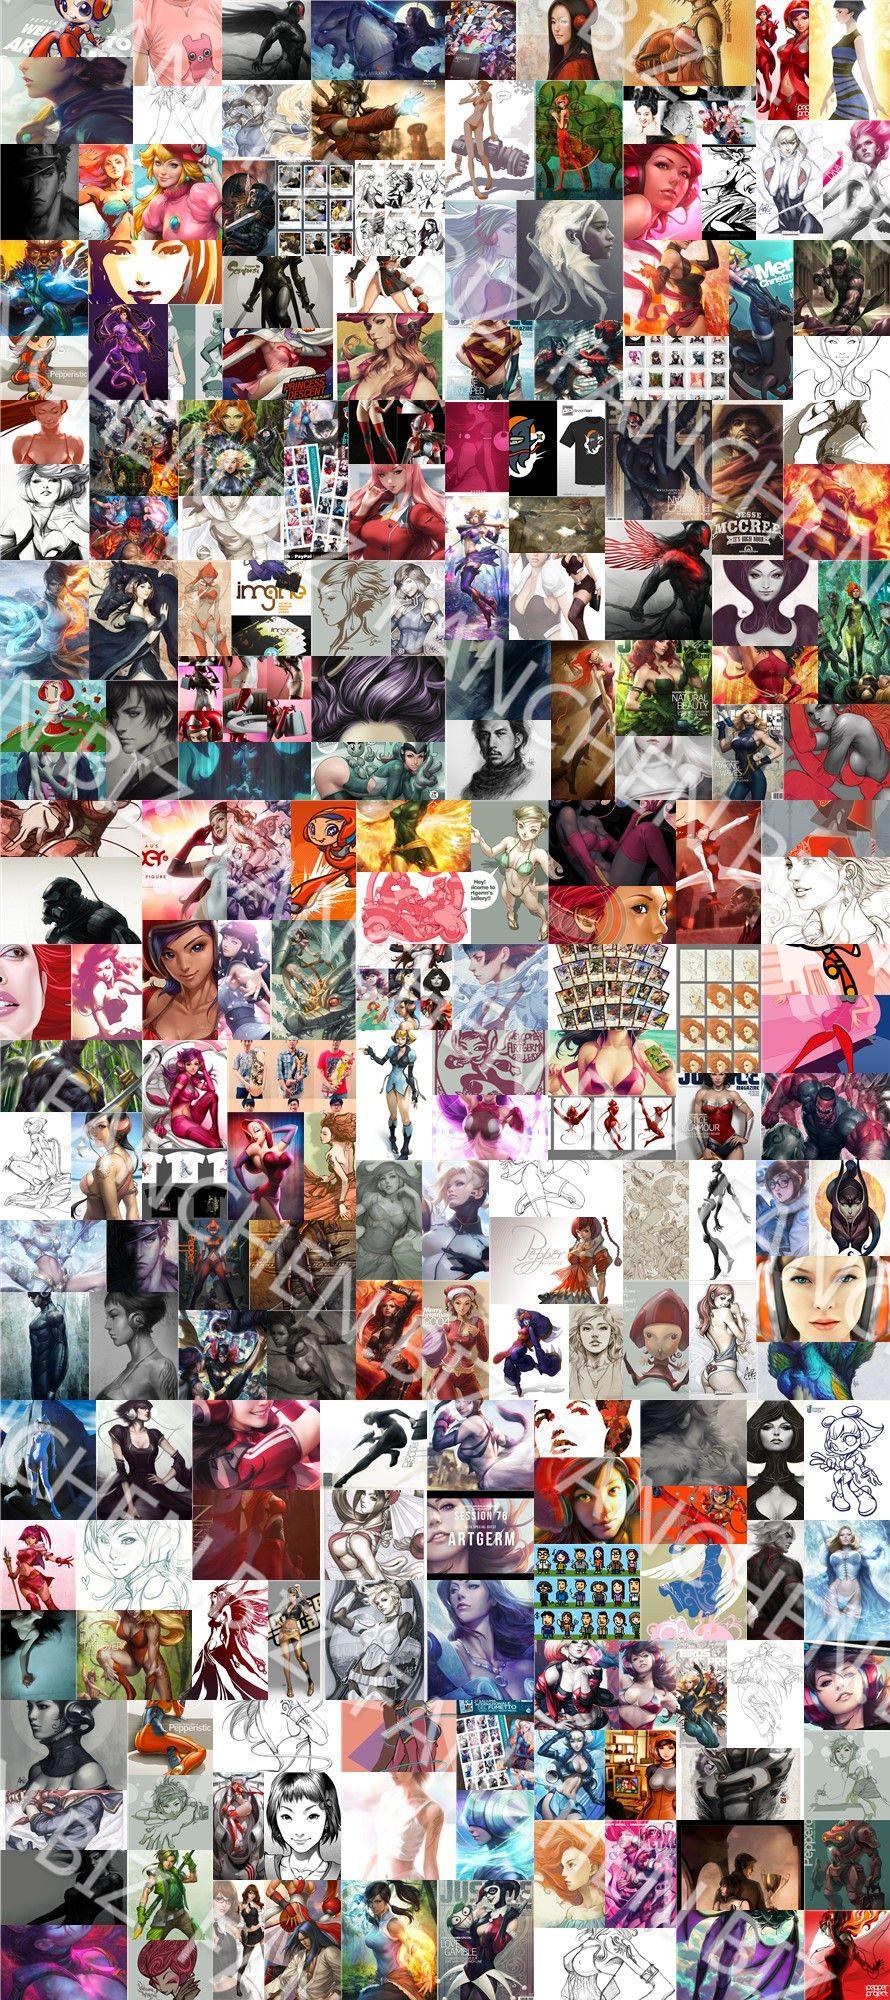 原画视频 欧美画师 Artgerm 插画设计视频1-7季完整版 44.0 GB-FANCHENBIZ